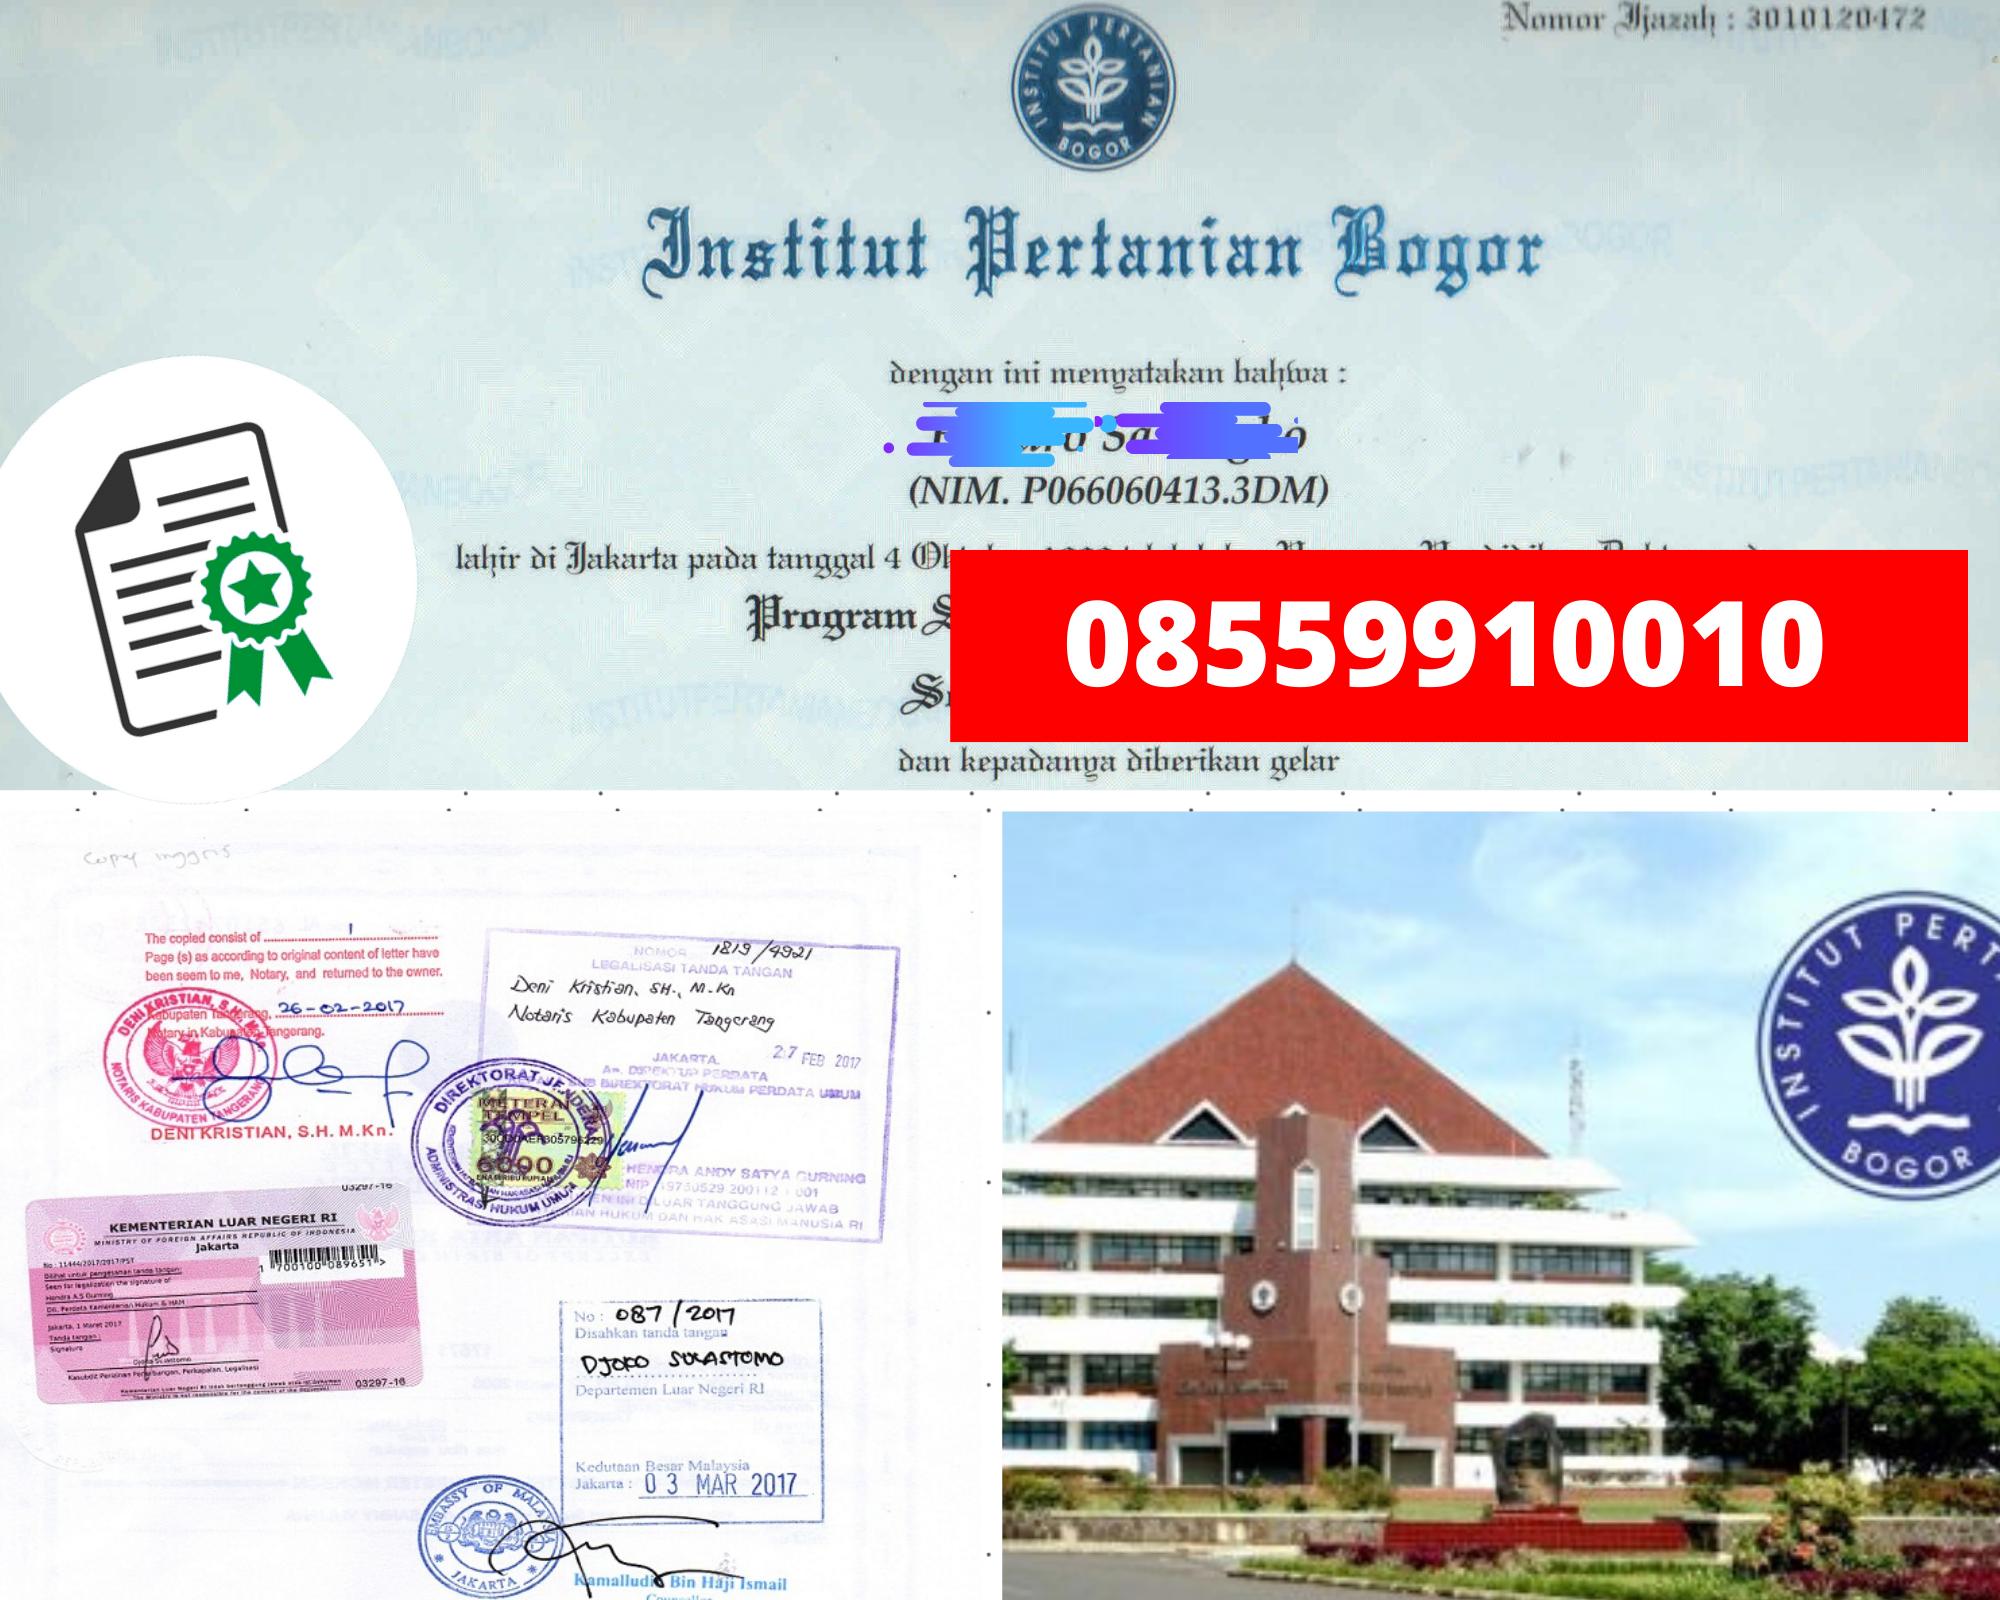 Legalisir Ijazah Institut Pertanian Bogor   Di Kemenristek Dikti || 08559910010